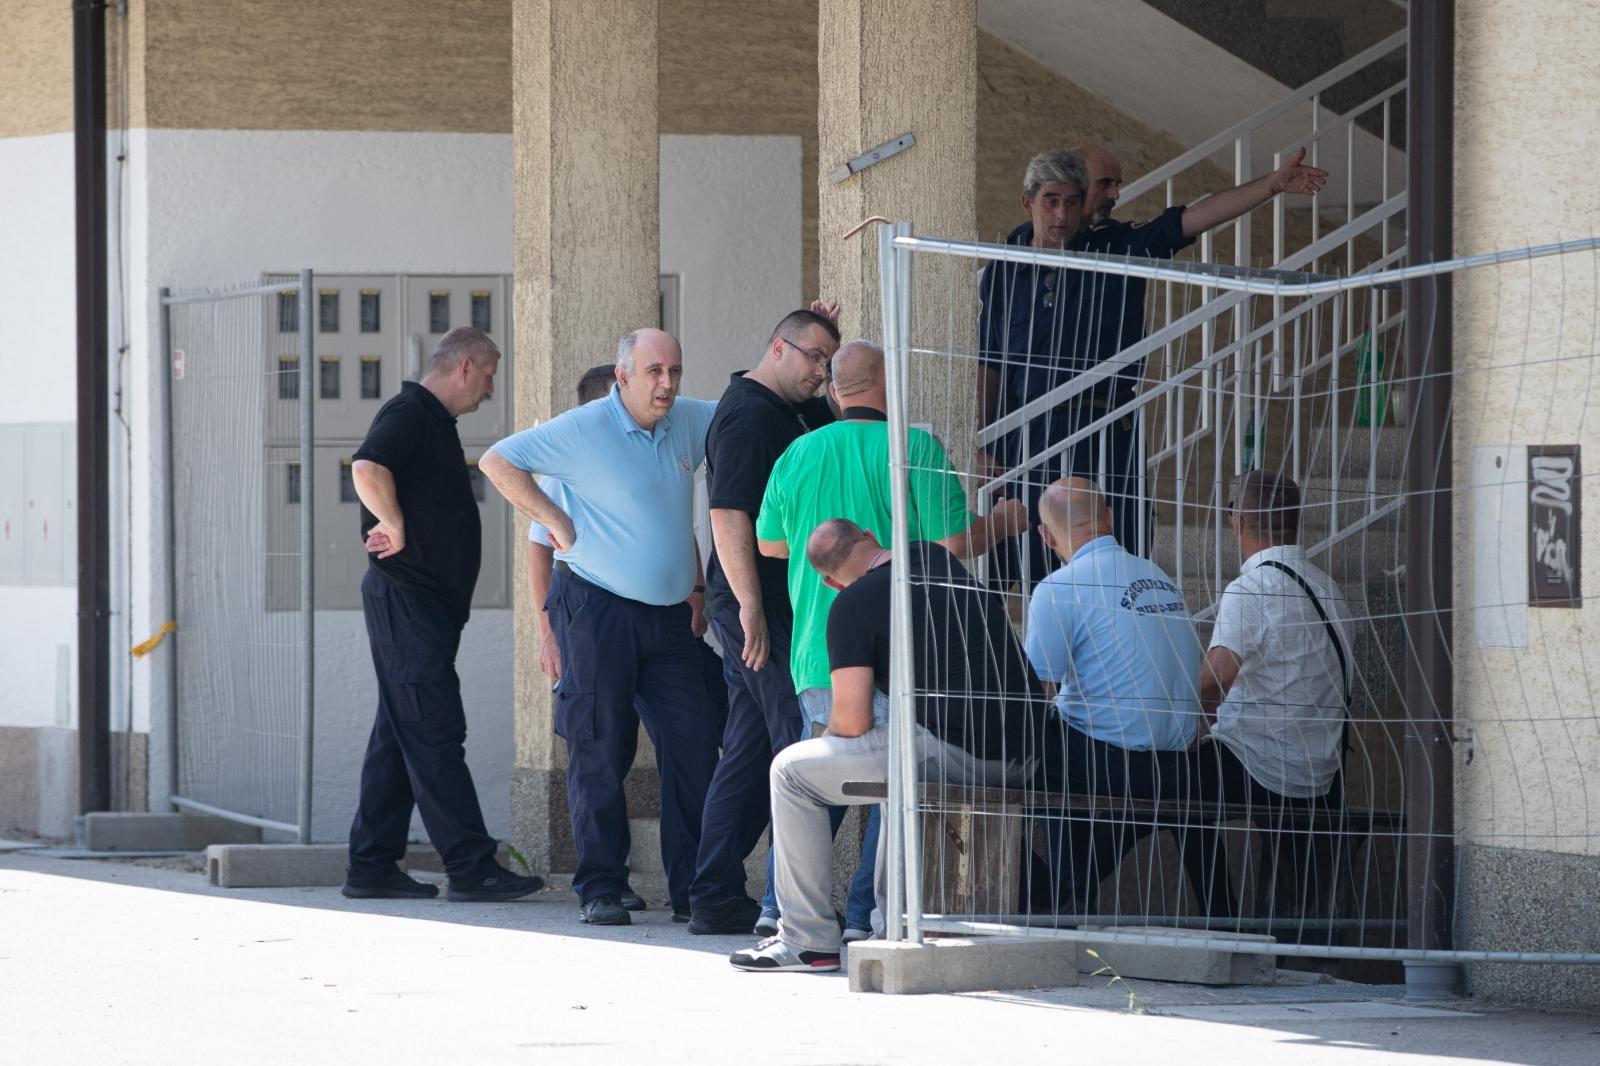 PROSVJEDI U NOVOM PETRUŠEVCU – Policija privela 10 osoba